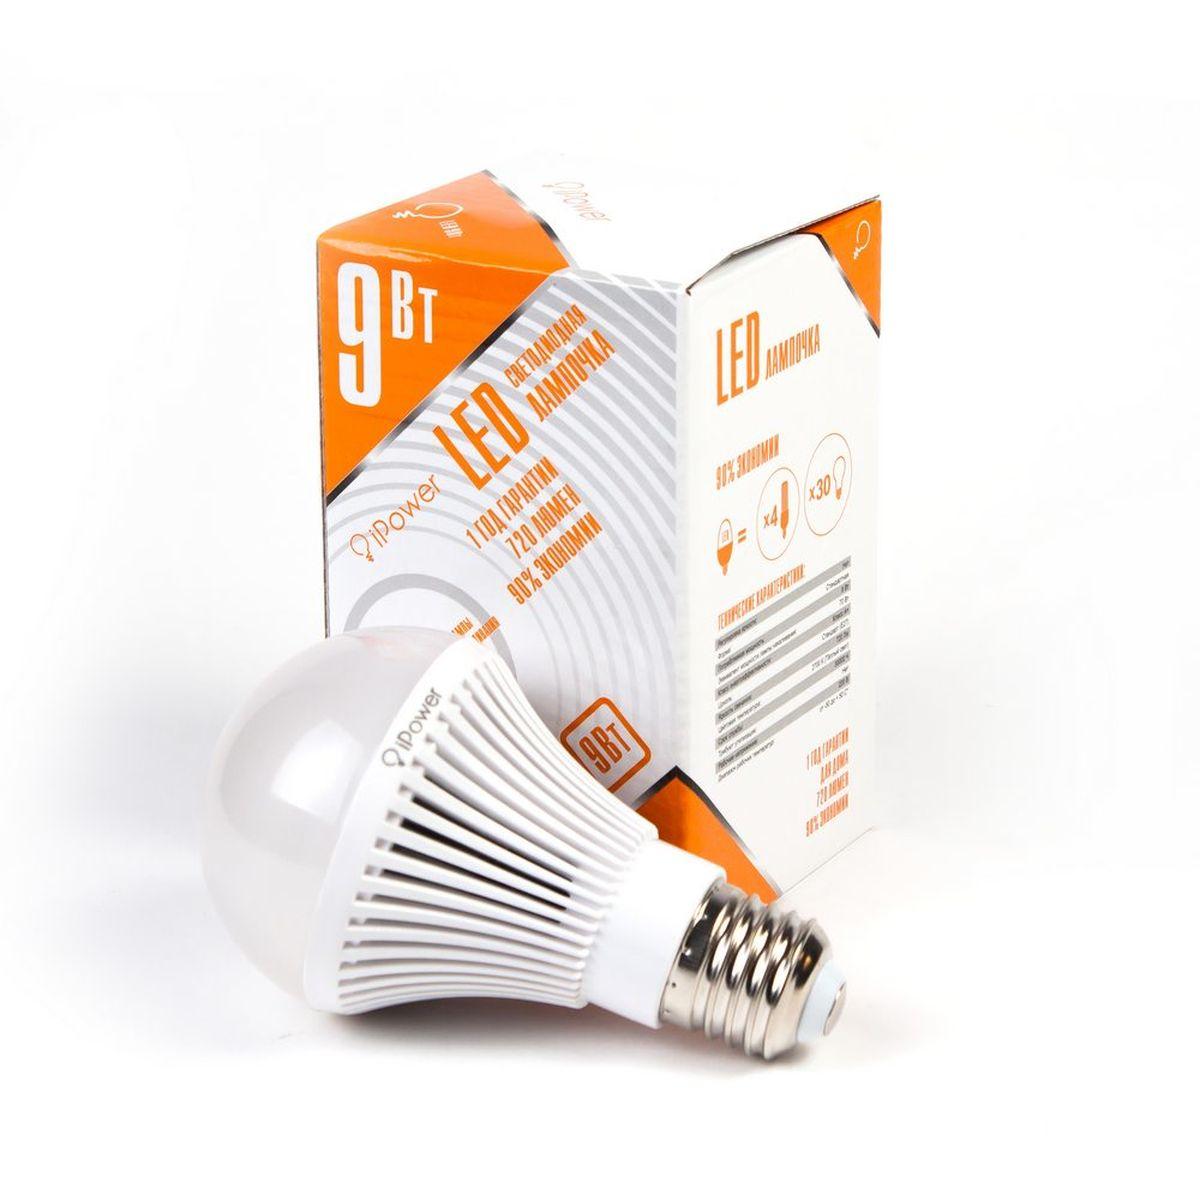 Лампа светодиодная IPower LED, цоколь Е27, 9W, 2700К теплый свет1001952Светодиодная лампочка iPower IPHB9W2700KE27 LED лампочка iPower имеет очень низкое энергопотребление, в сравнении с лампами накаливания LED потребляет в 12 раз меньше электричества, а в сравнении с энергосберегающими в 2-4 раз меньше. При этом срок службы LED лампочки в 5 раз выше, чем энергосберегающей, и в 50 раз выше, чем у лампы накаливания. Светодиодные лампочки iPower создают мягкий рассеивающий свет без мерцаний, что совершенно безопасно для глаз. Они специально разработаны по требованиям российских и европейских законов и подходят ко всем осветительным устройствам, совместимым со стандартным цоколем E27. Габариты 40x40x27.5 Гарантия 12 мес. Диапазон рабочих температур от -50 до +50 °С Материал Алюминий, поликарбонат ПартНомер ZGB-QP70WS-9 2700K Потребляемая мощность 9 Вт Рабочее напряжение, В 220В Размер 70*120 мм Регулировка яркости Нет Световая температура 2700К (Тёплый свет) Срок службы 30000 часов Тип упаковки...